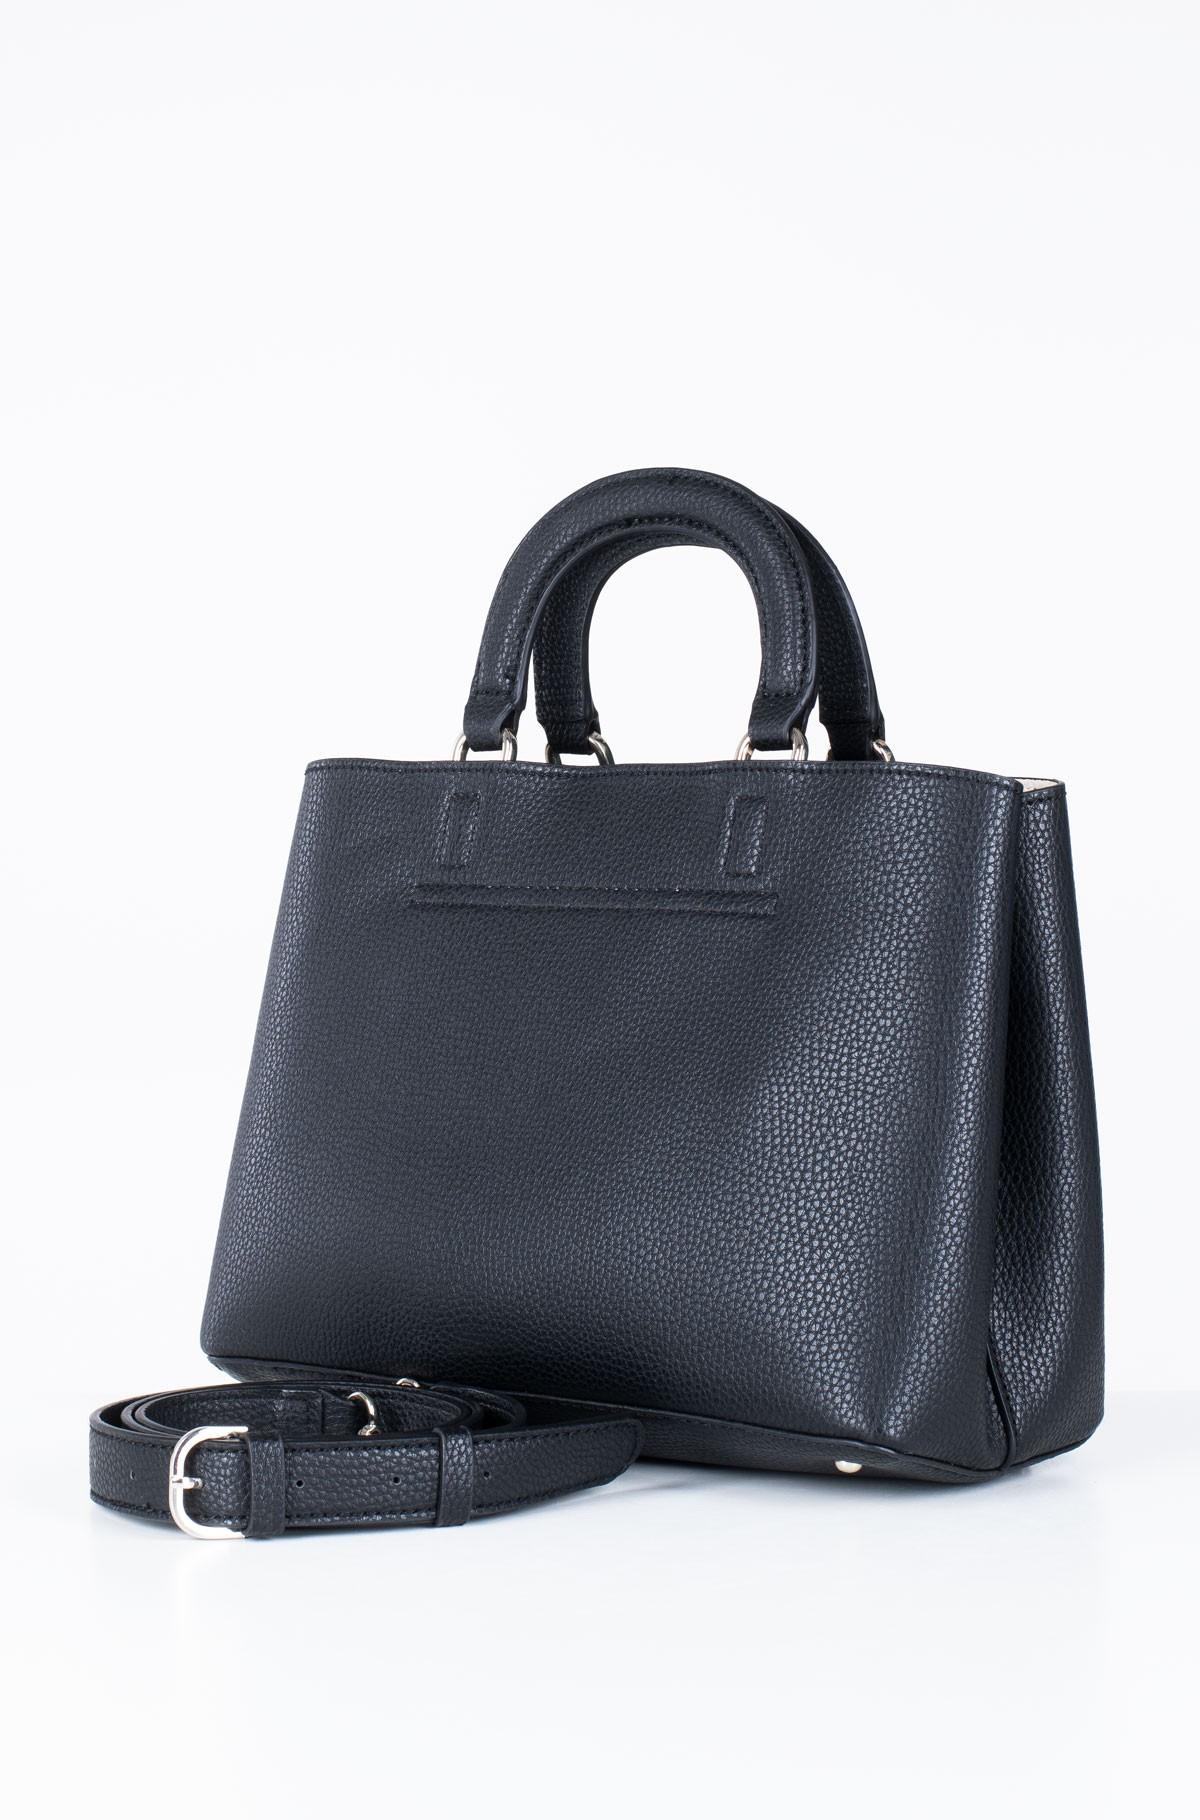 Handbag HWVG74 39060-full-2